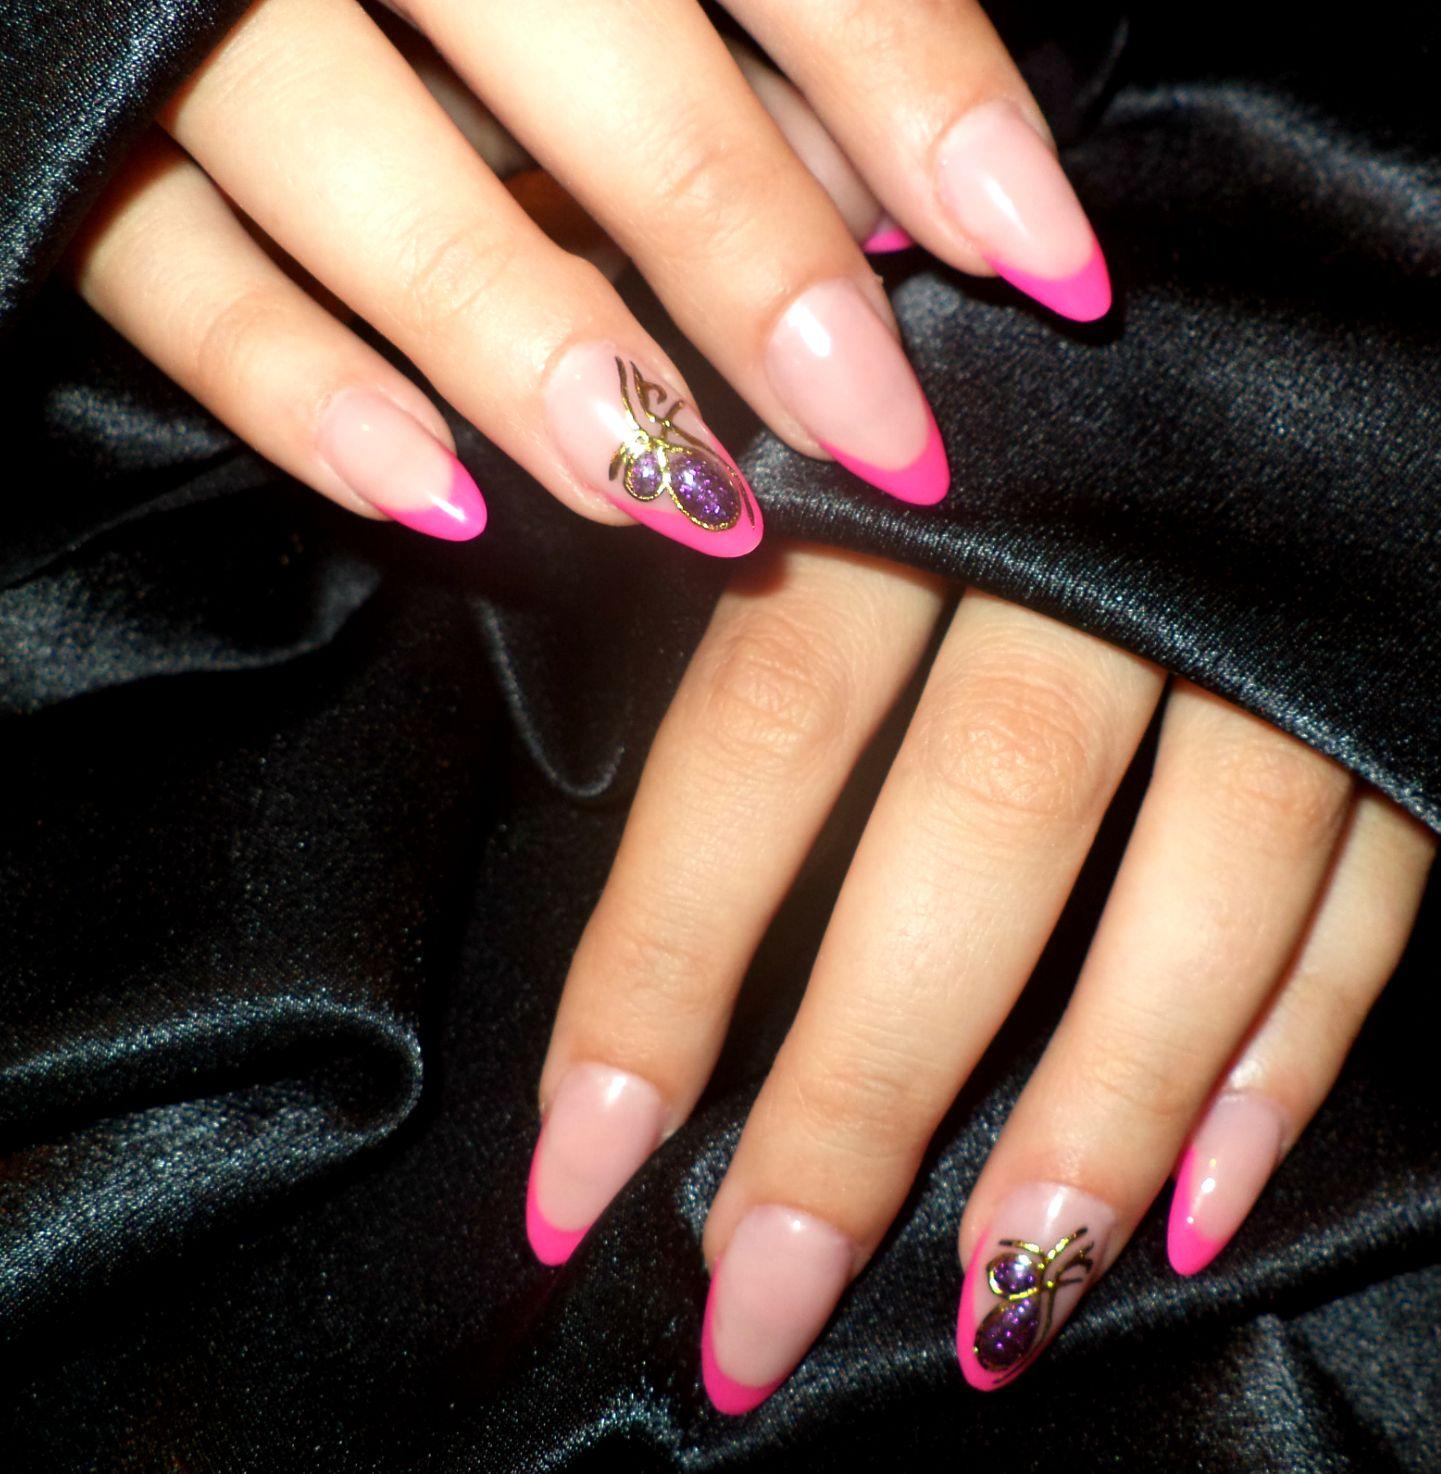 Ногти северное сияние дизайн фото влиятельные женщины